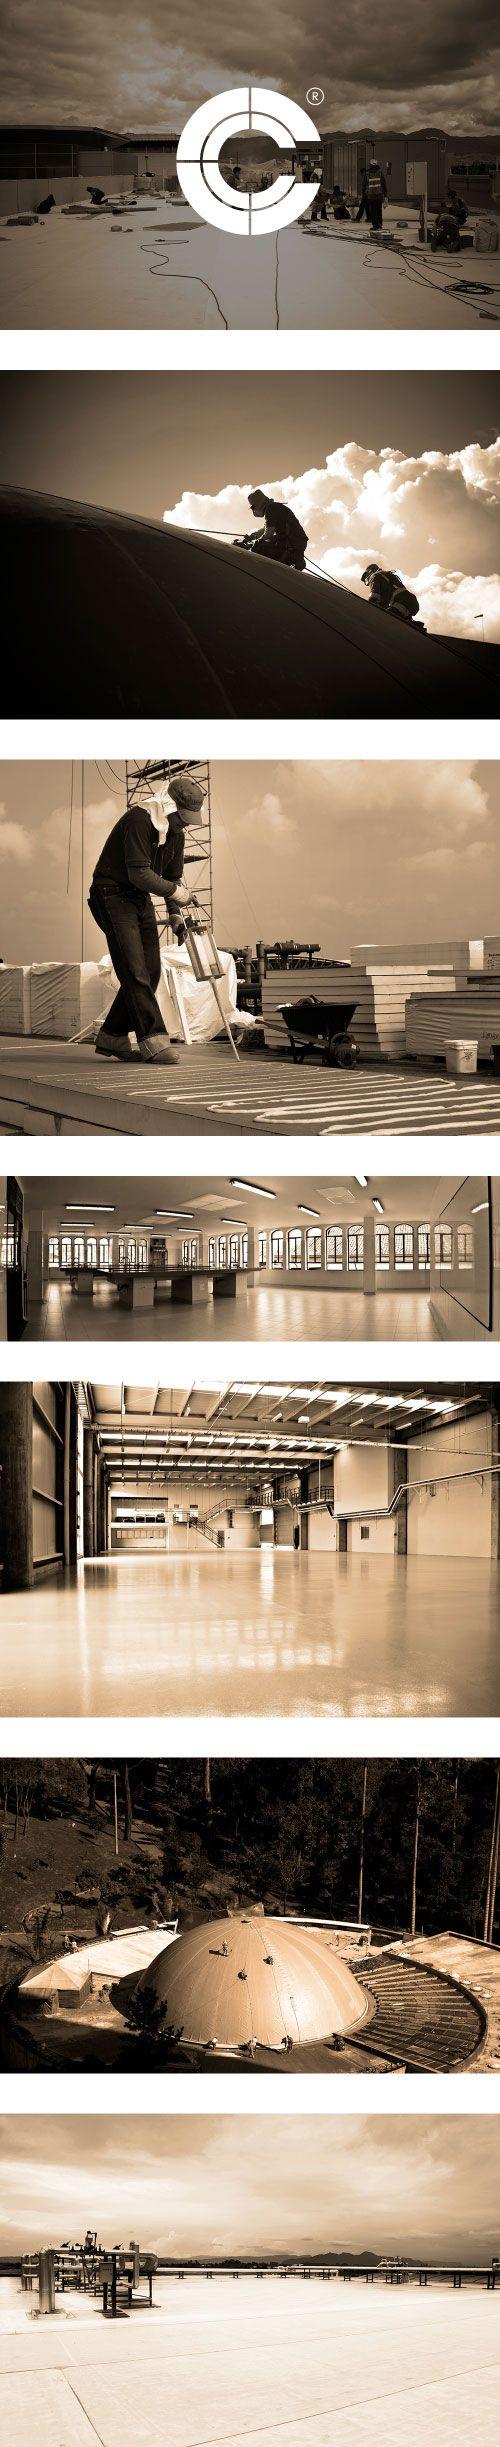 Construmat Center  www.estudio201.com Rediseño de identidad, página web, papelería. Dirección artística: fotografía documental, registro de obras, composición de piezas gráficas.